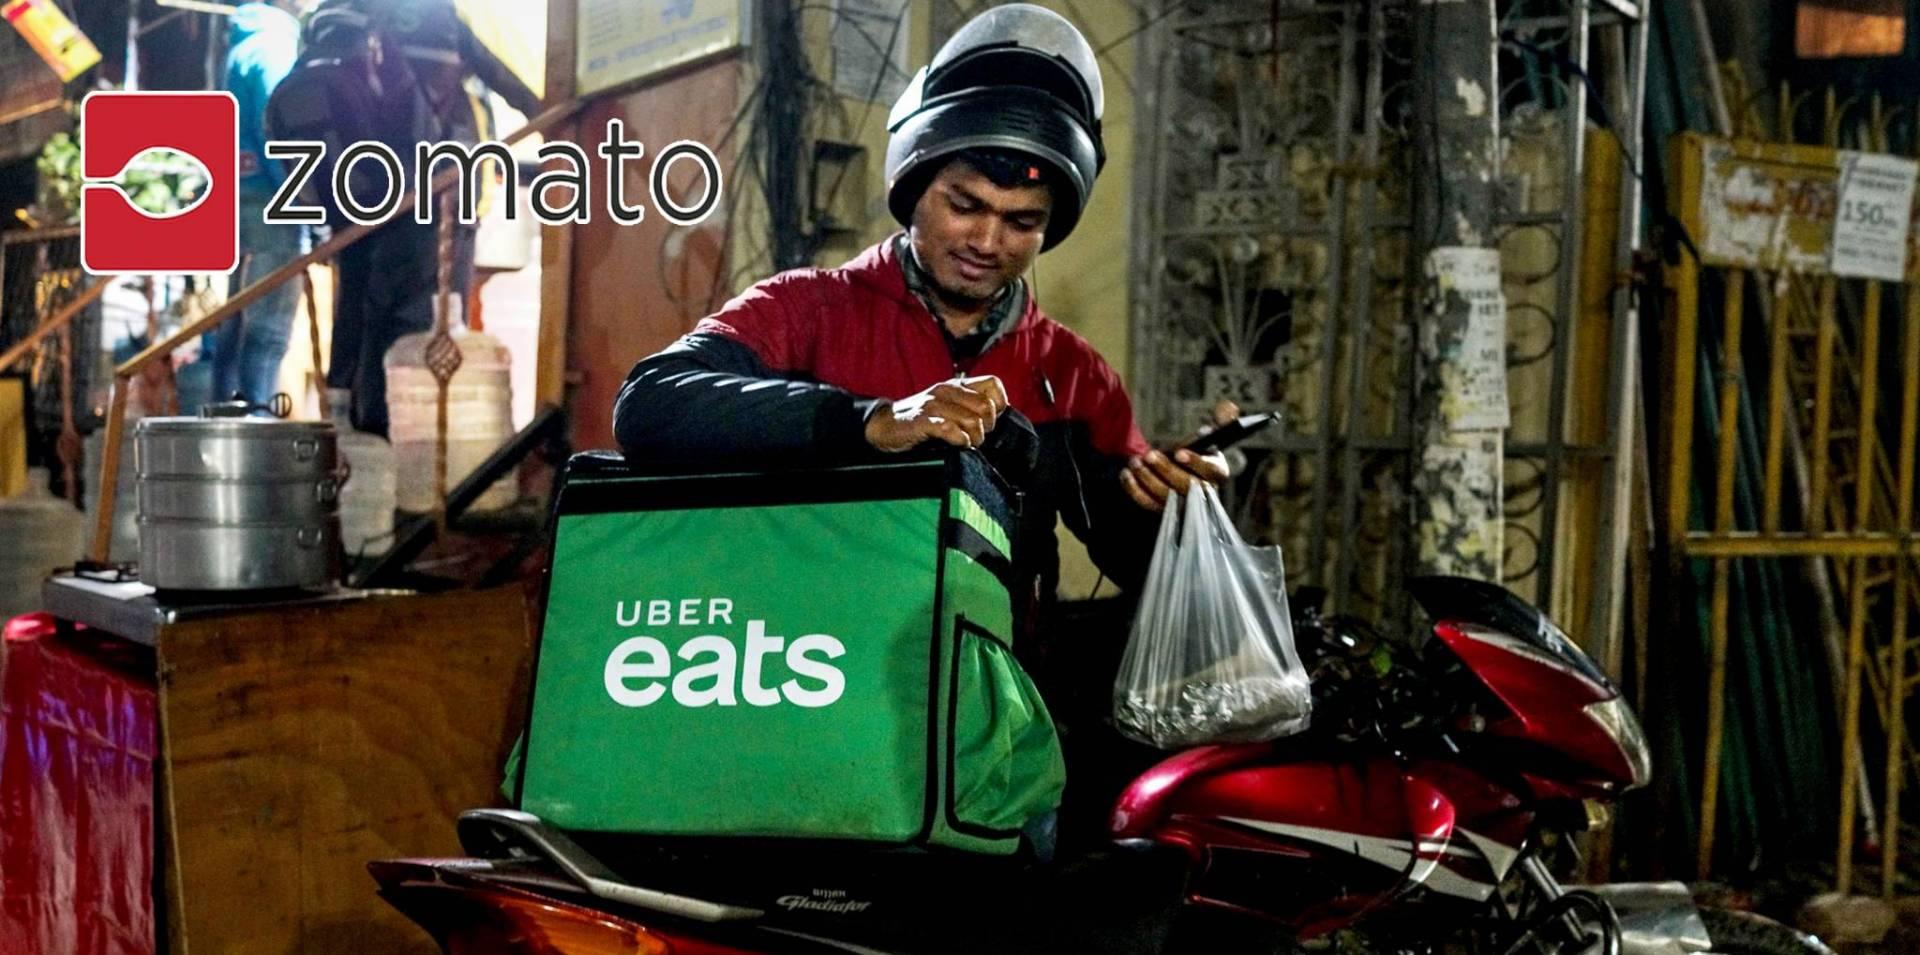 «زوماتو» لتوصيل الطعام تستحوذ على «أوبر إيتس» في الهند